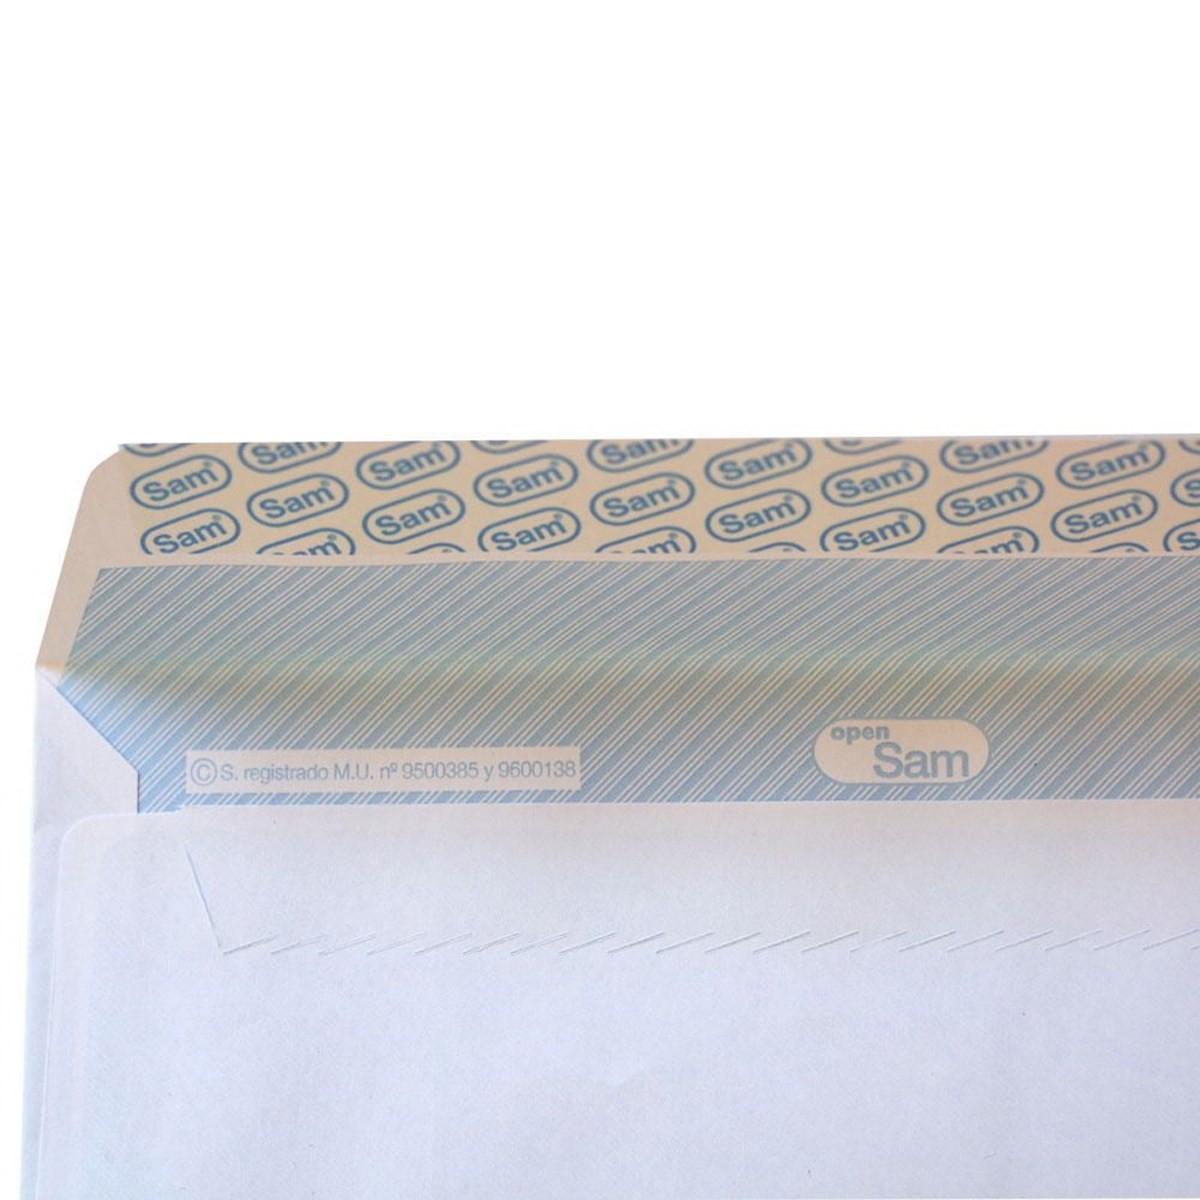 10 piezas 26 mm sola rueda deslizante rodillo para bricolaje reparaci/ón burrda puertas de ducha